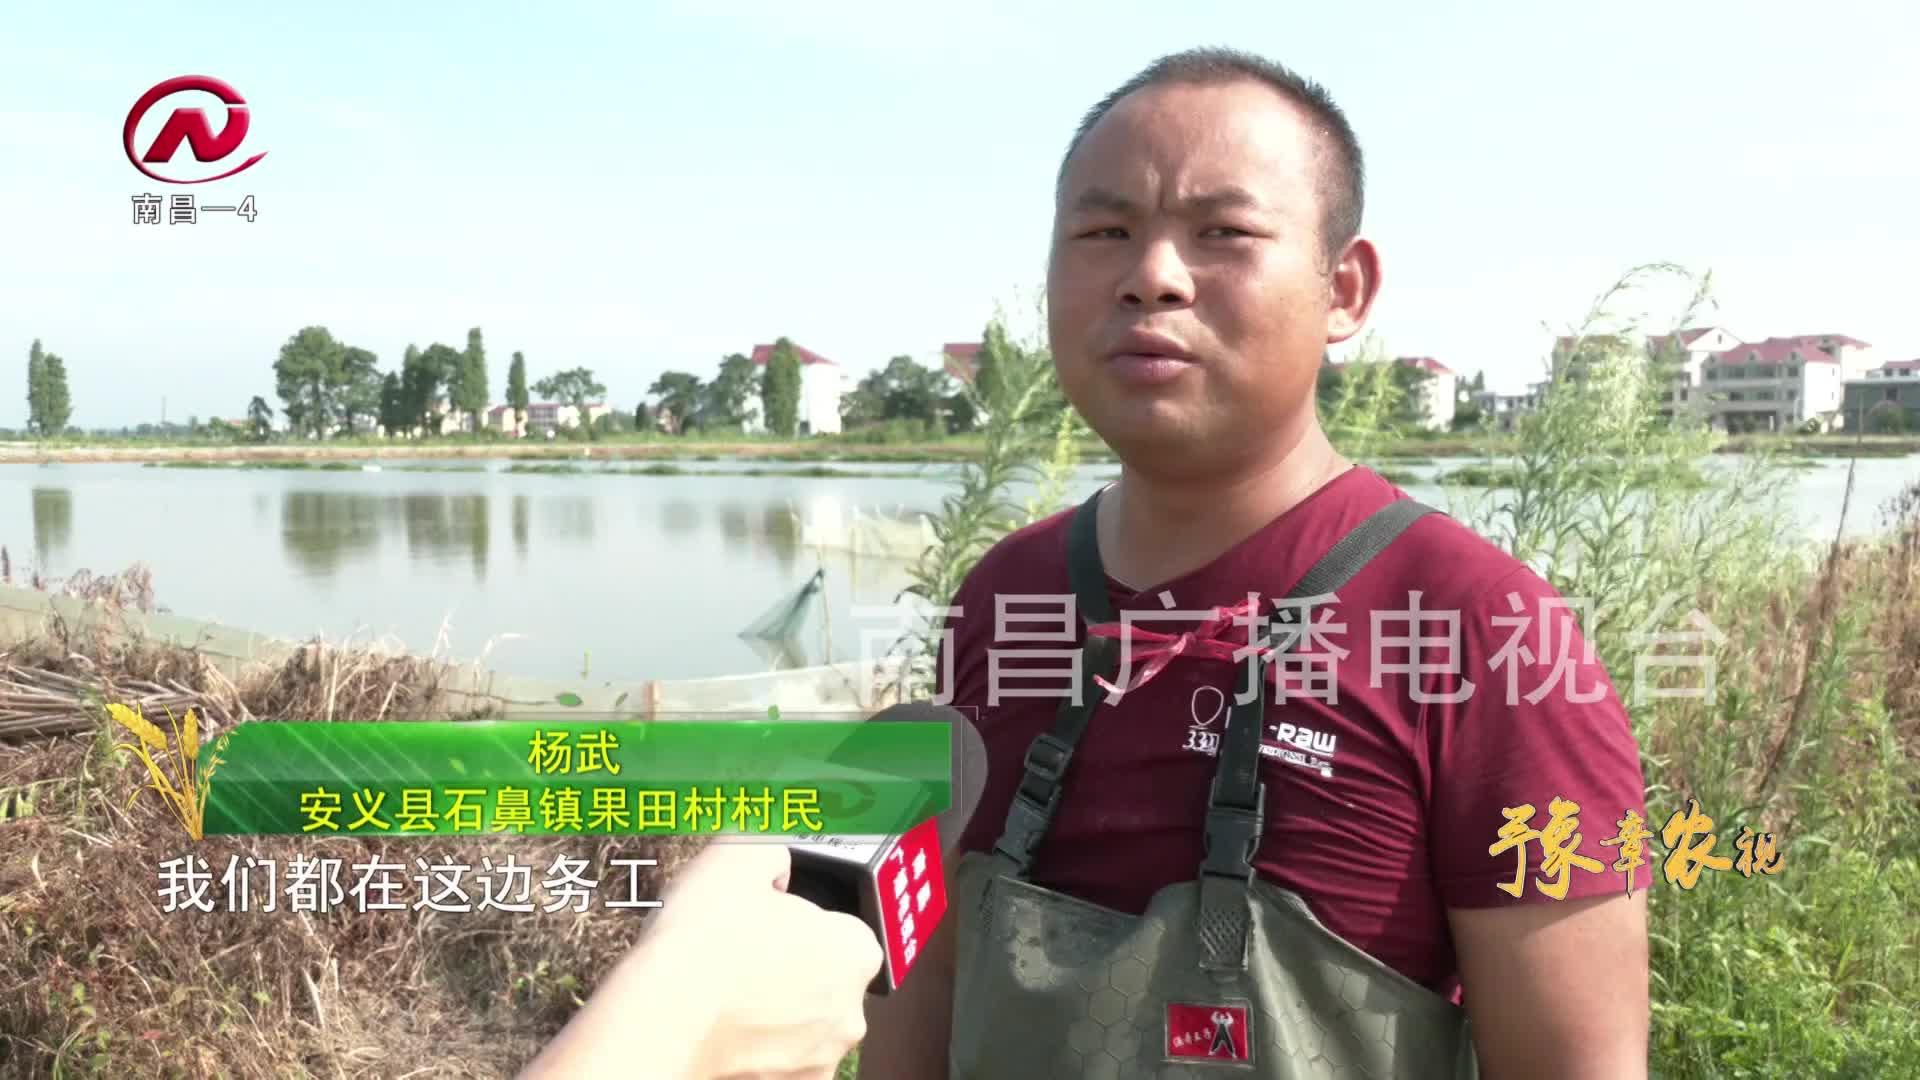 【豫章农视】特色水产养殖  激活乡村振兴一池碧水